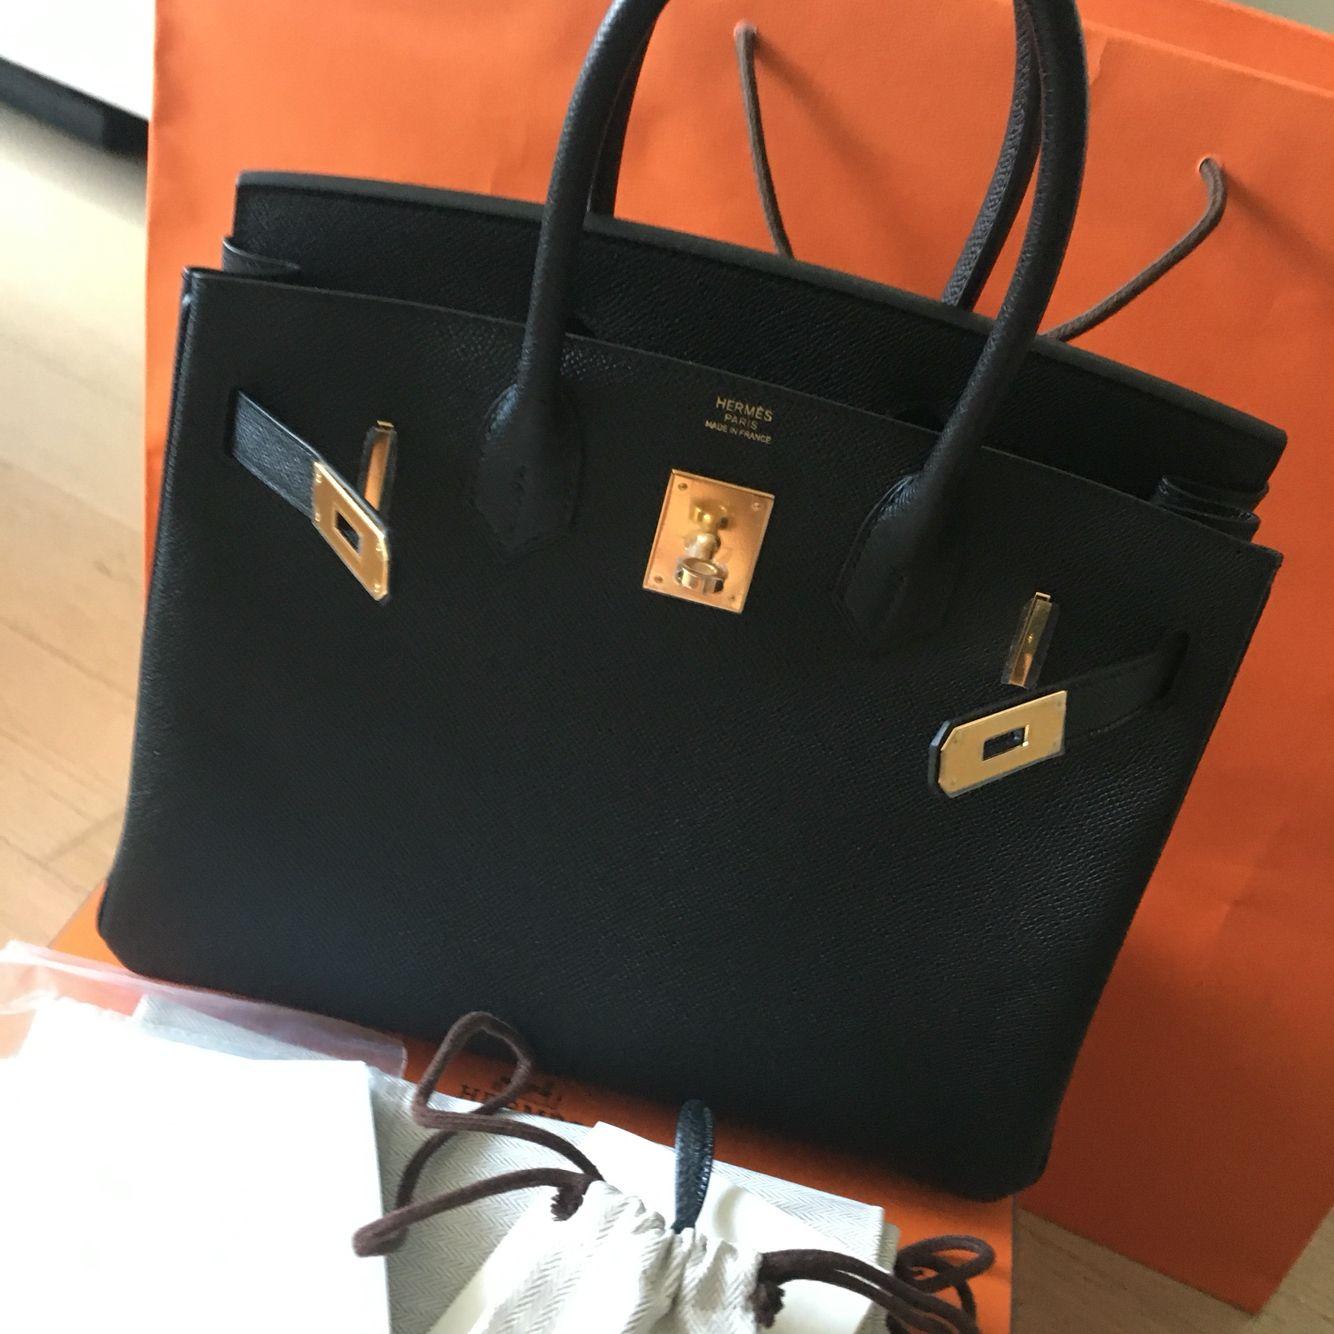 d33637d6d34b Hermes Birkin Bag